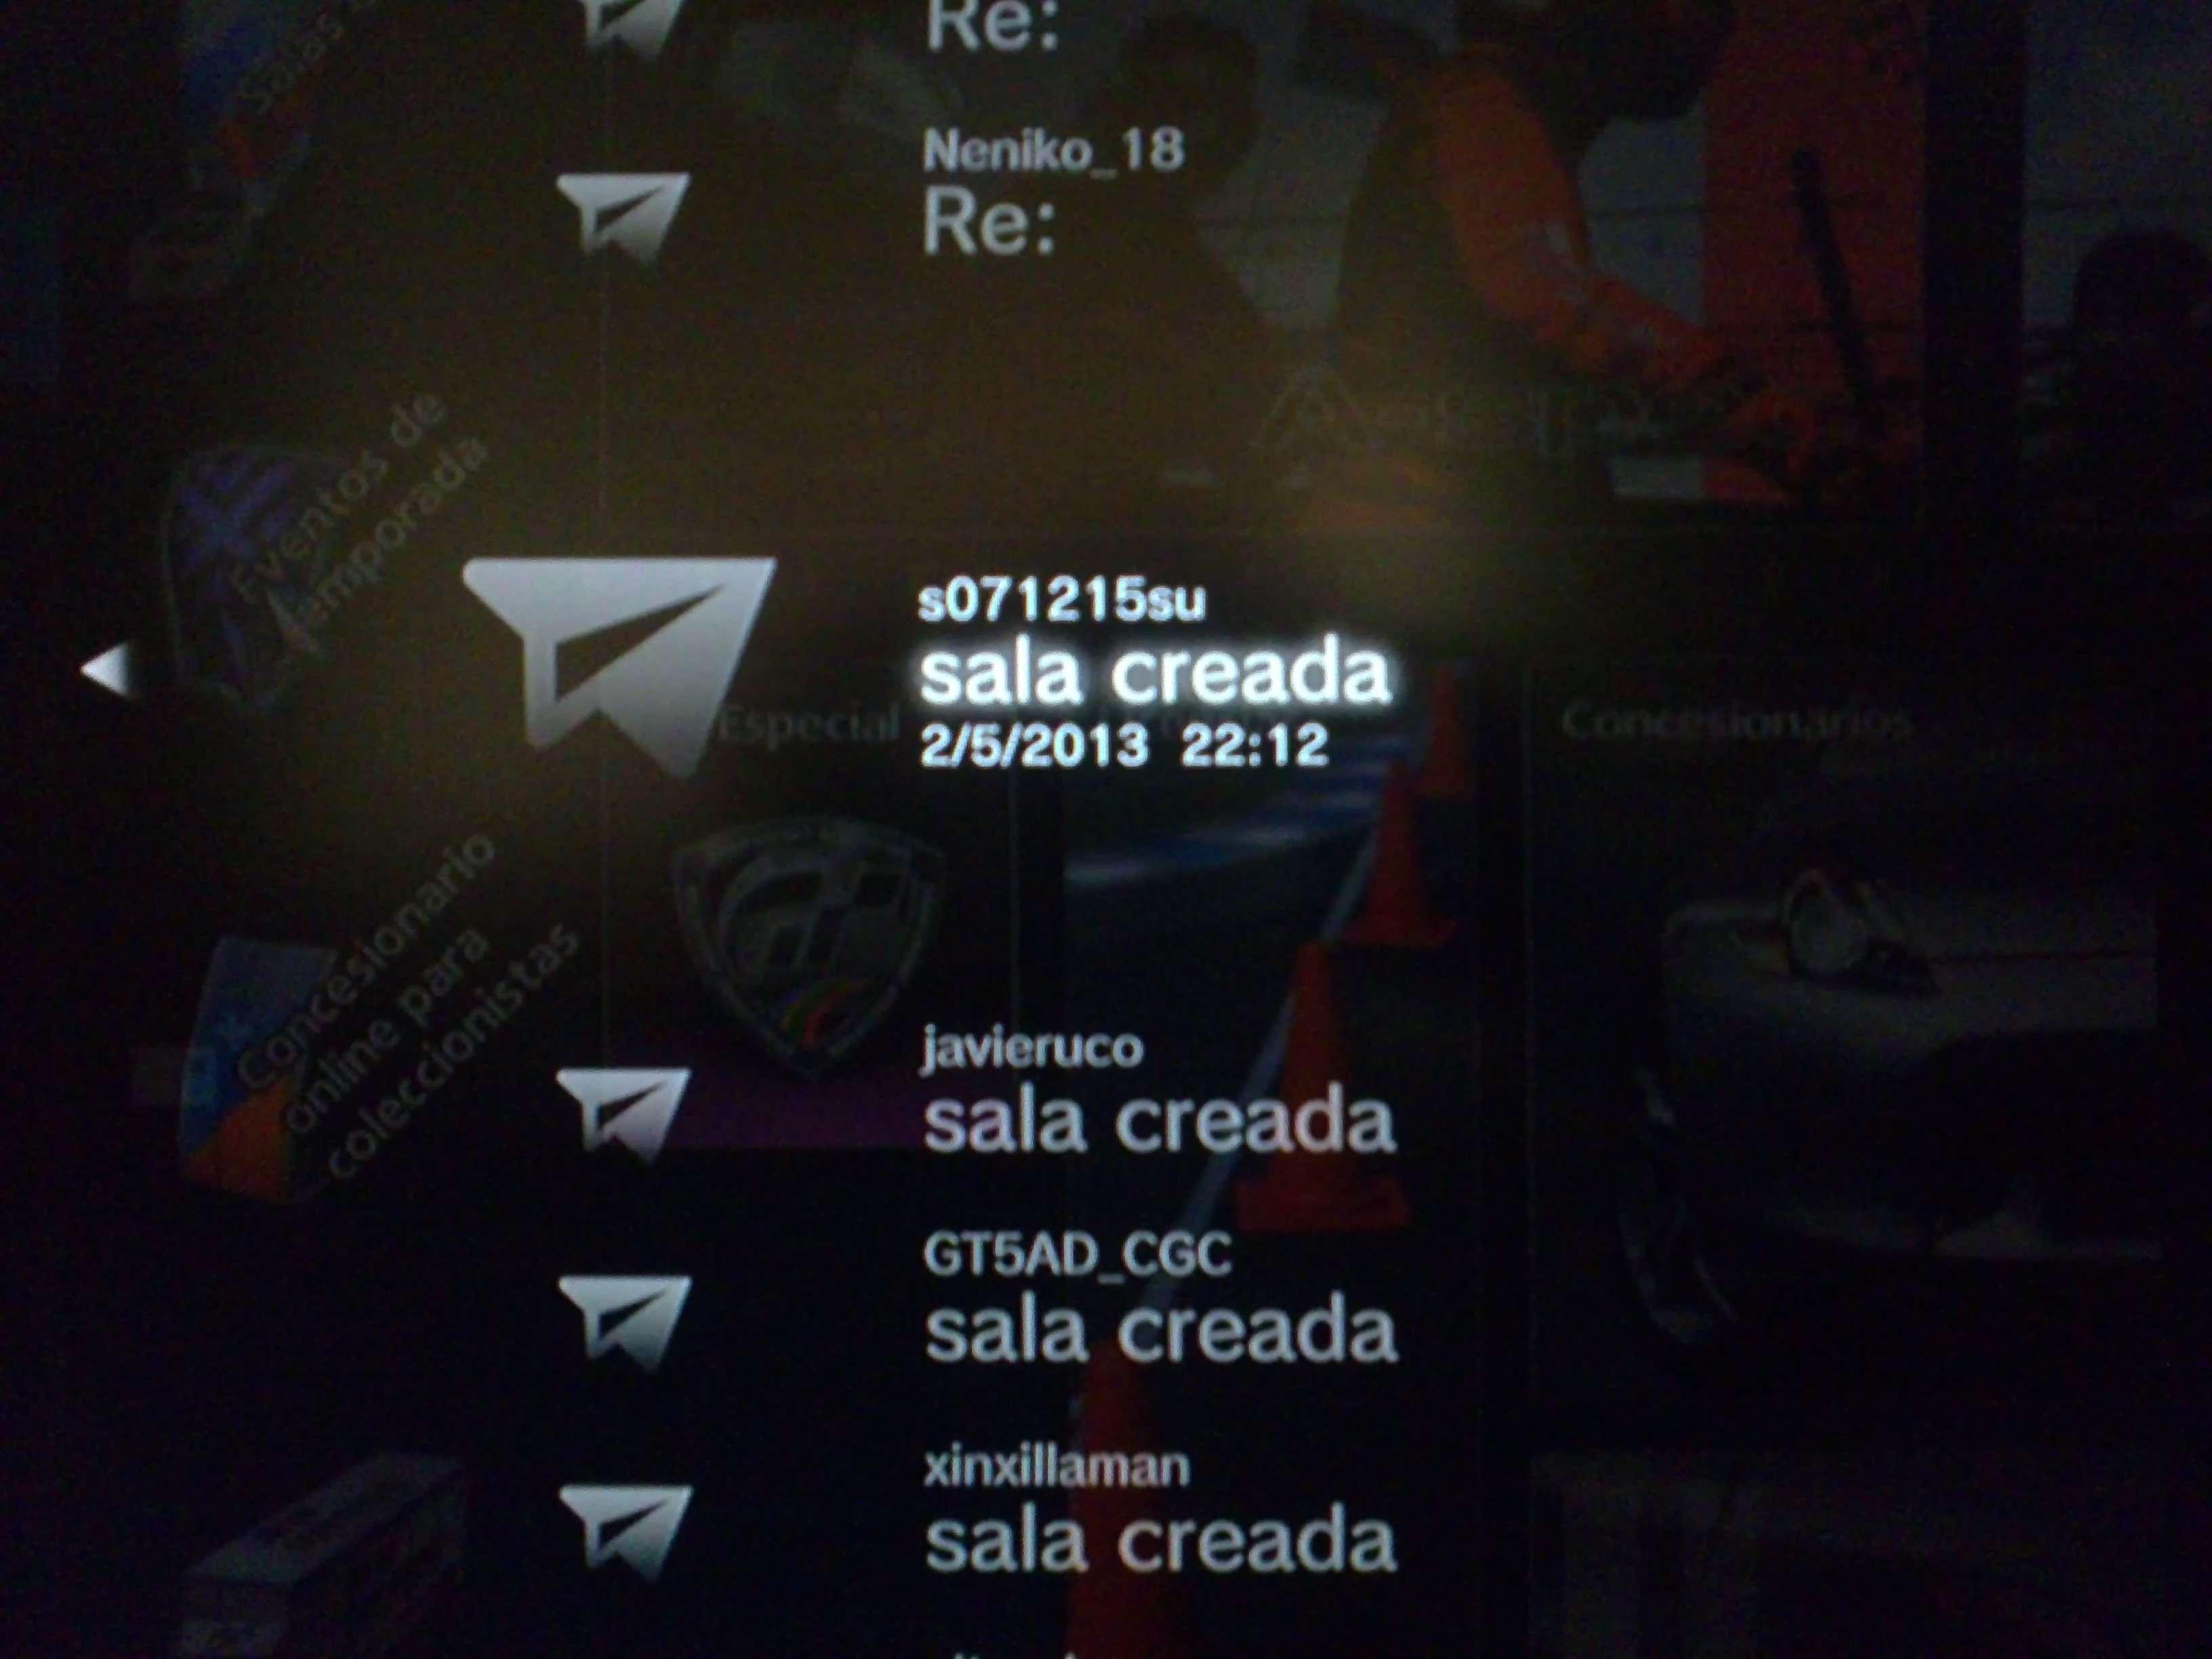 ▄▀▄▀▄▀ Hilo General GT2 ▀▄▀▄▀▄ - Página 3 03052010